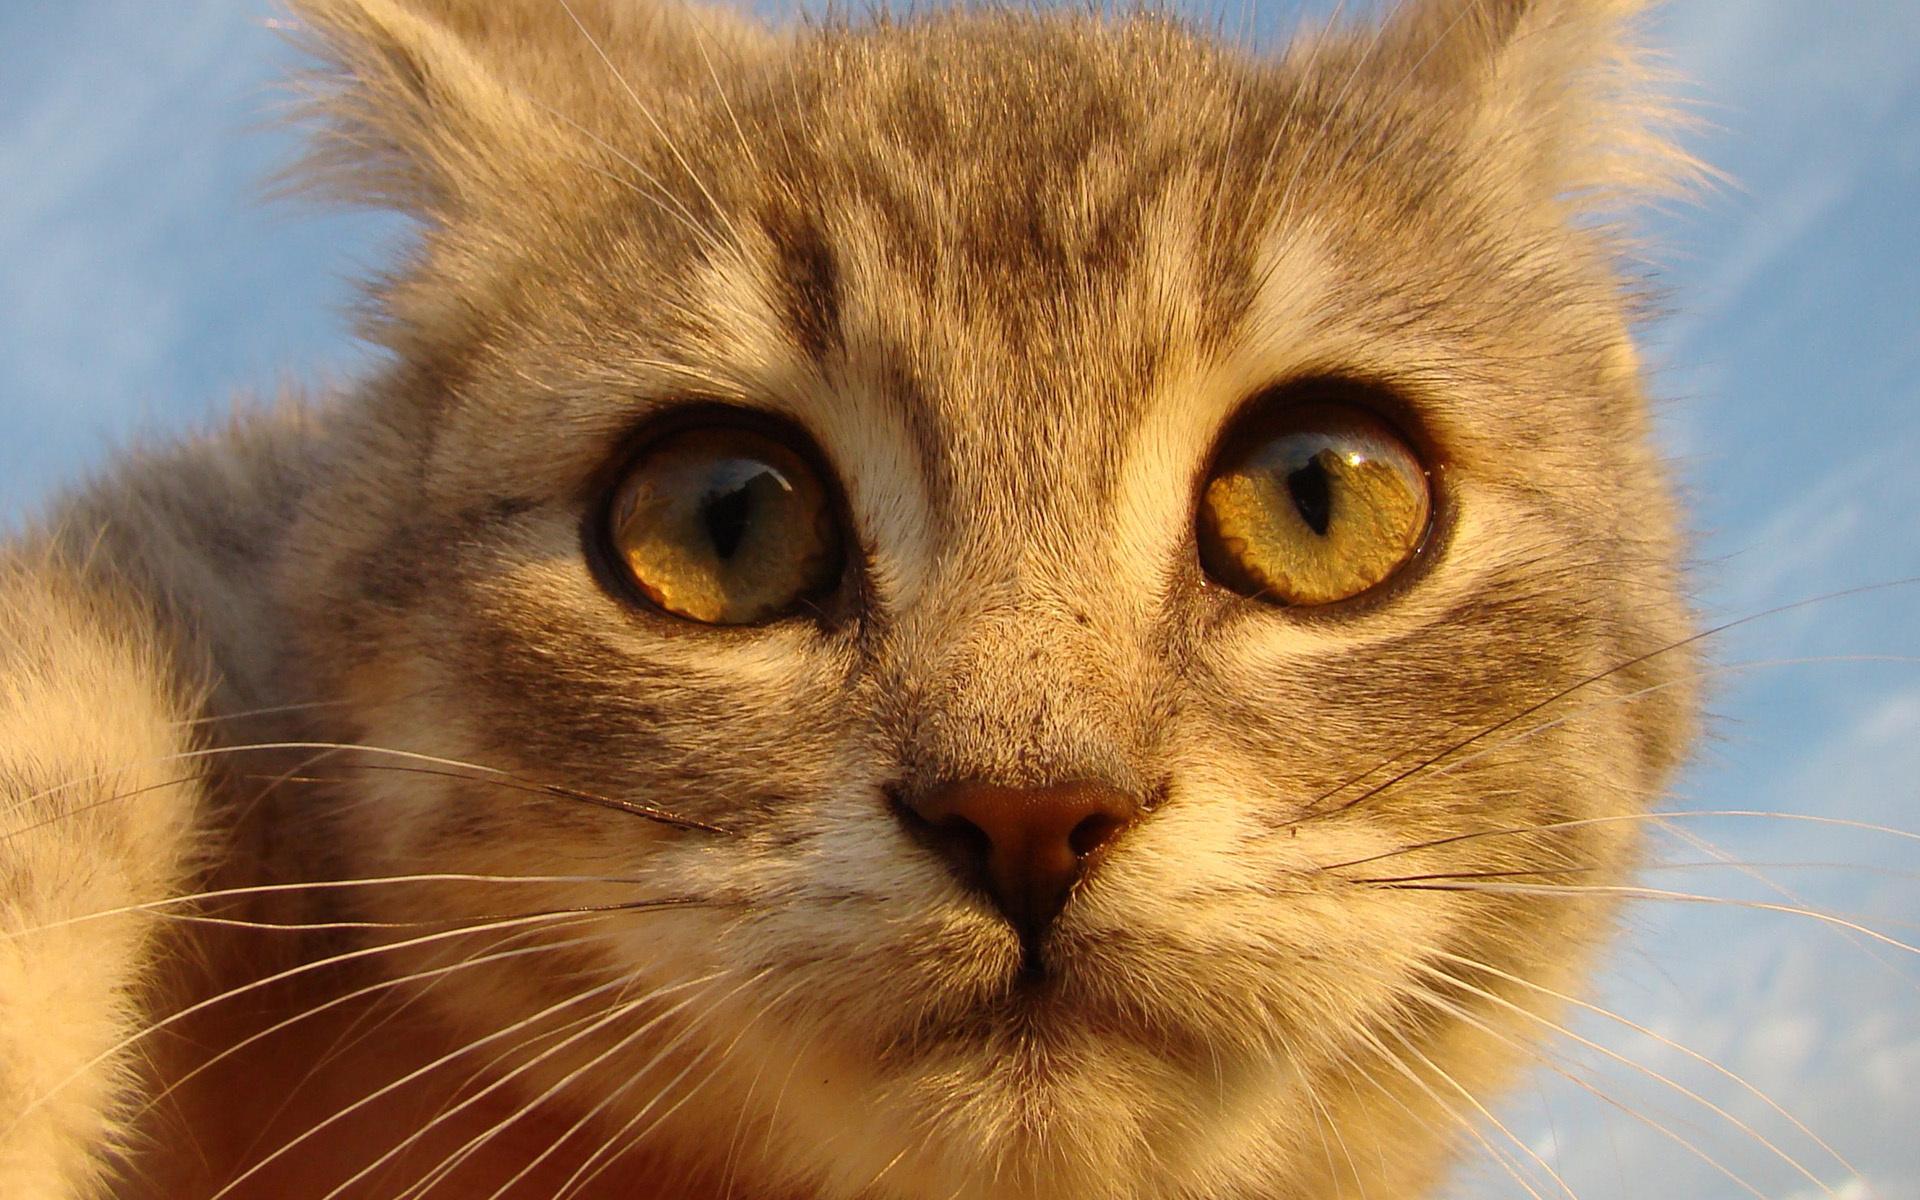 рыжий, смотрит, Кот, кот, глаза, морда, нос, усы